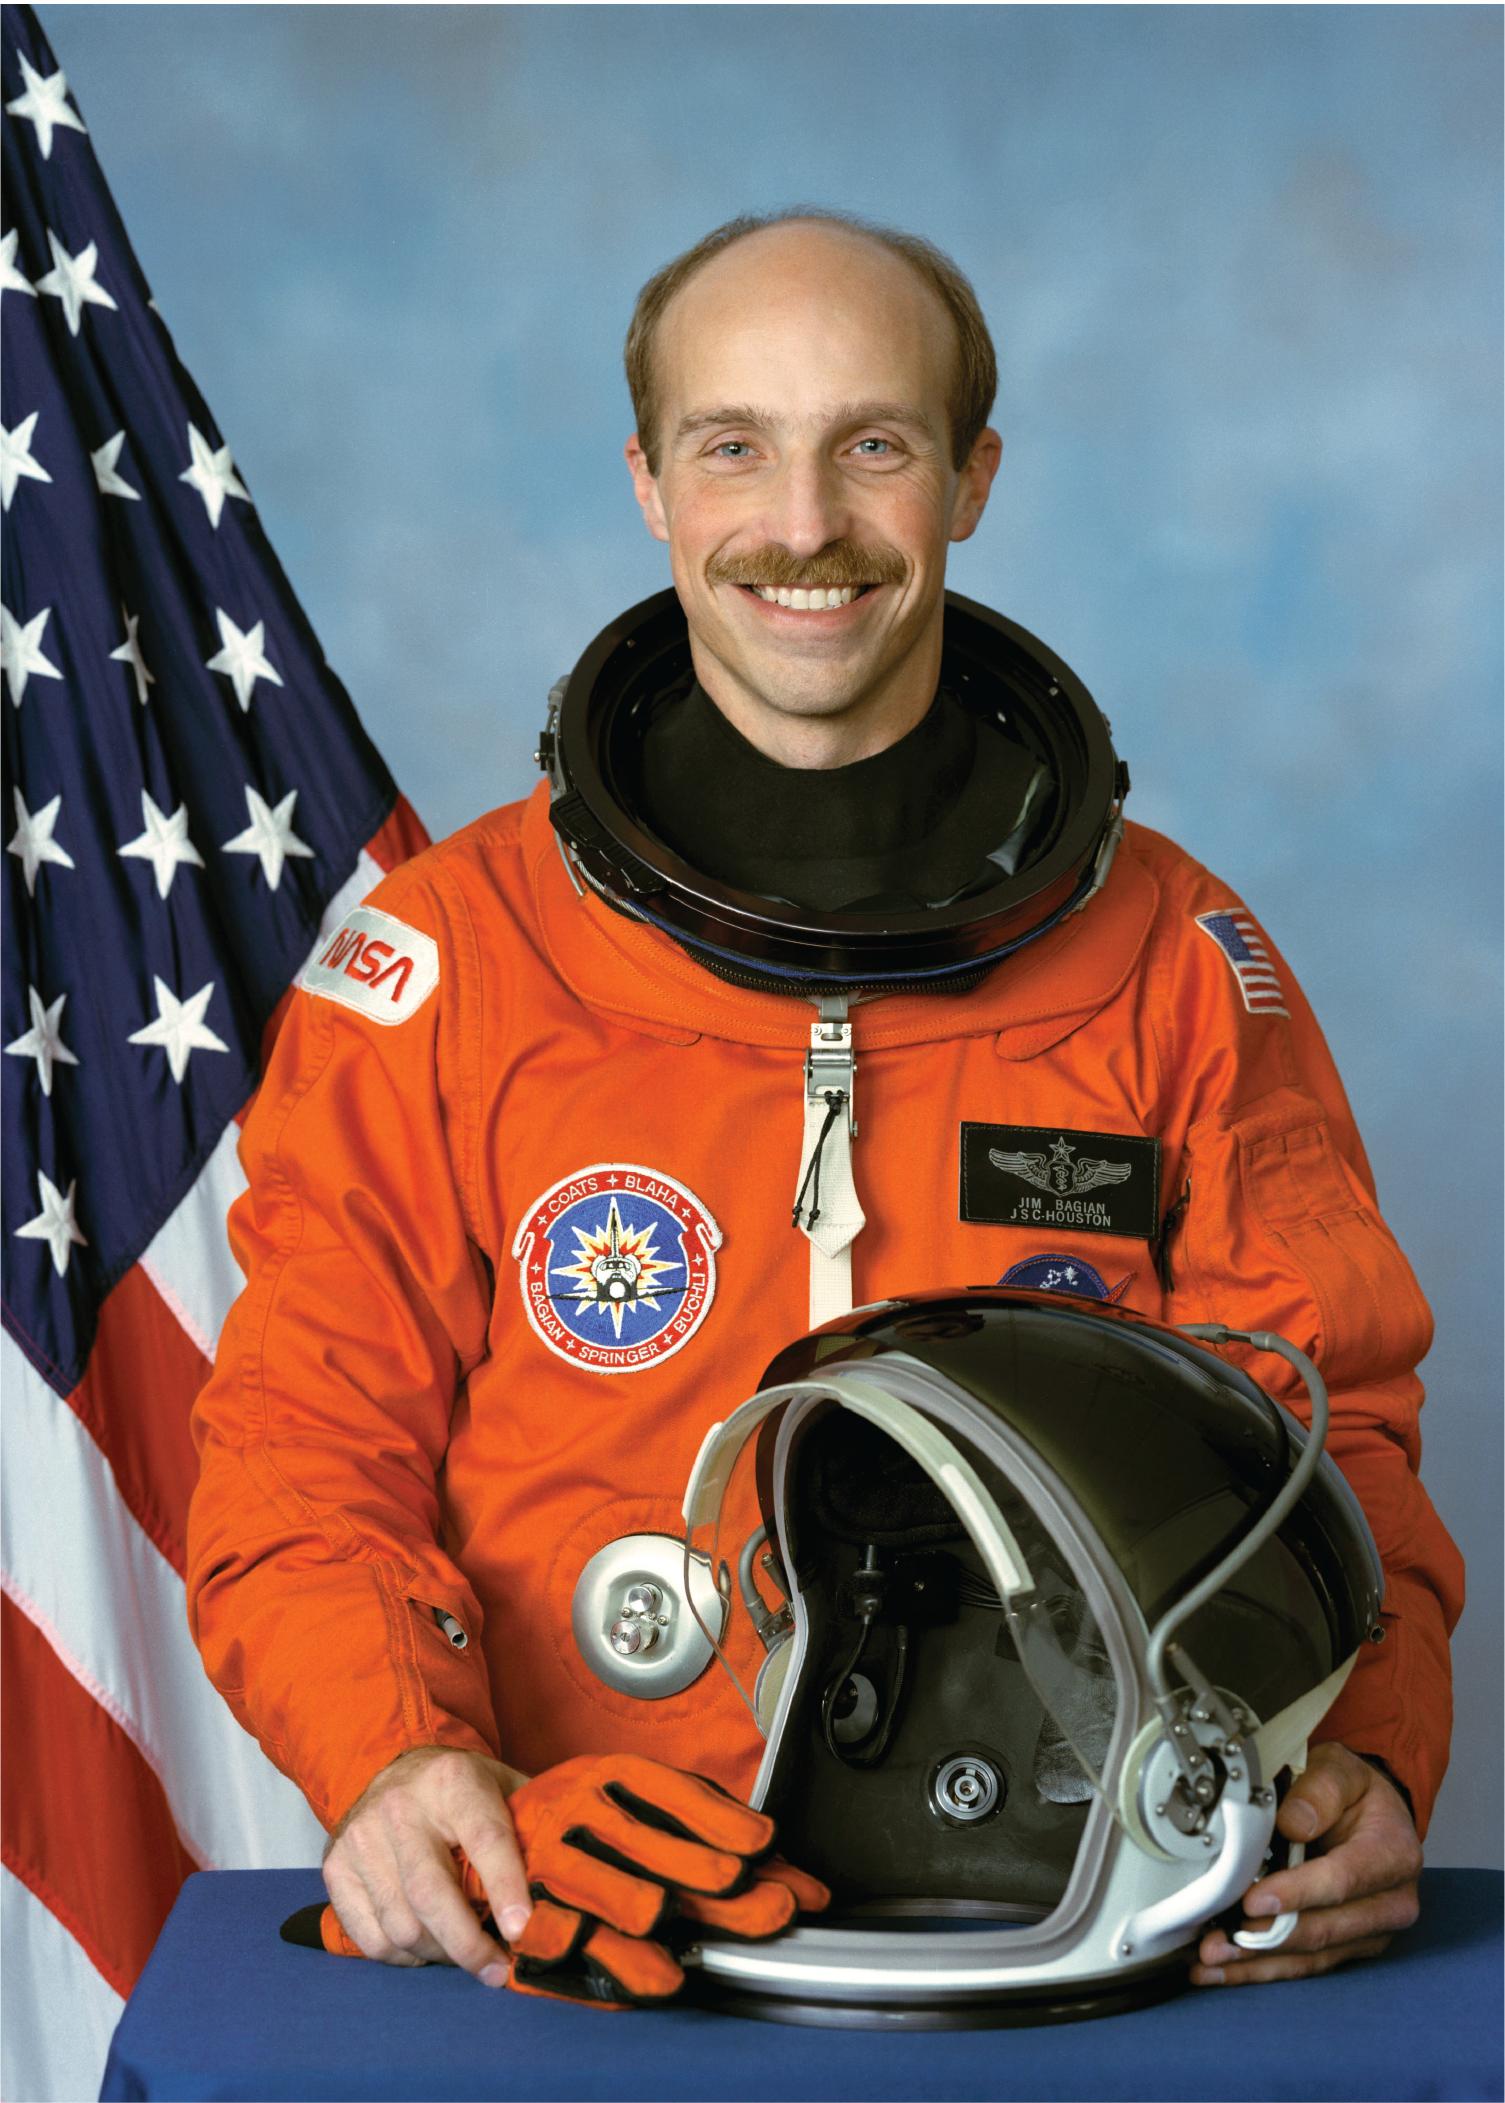 Astronaut James P. Bagian